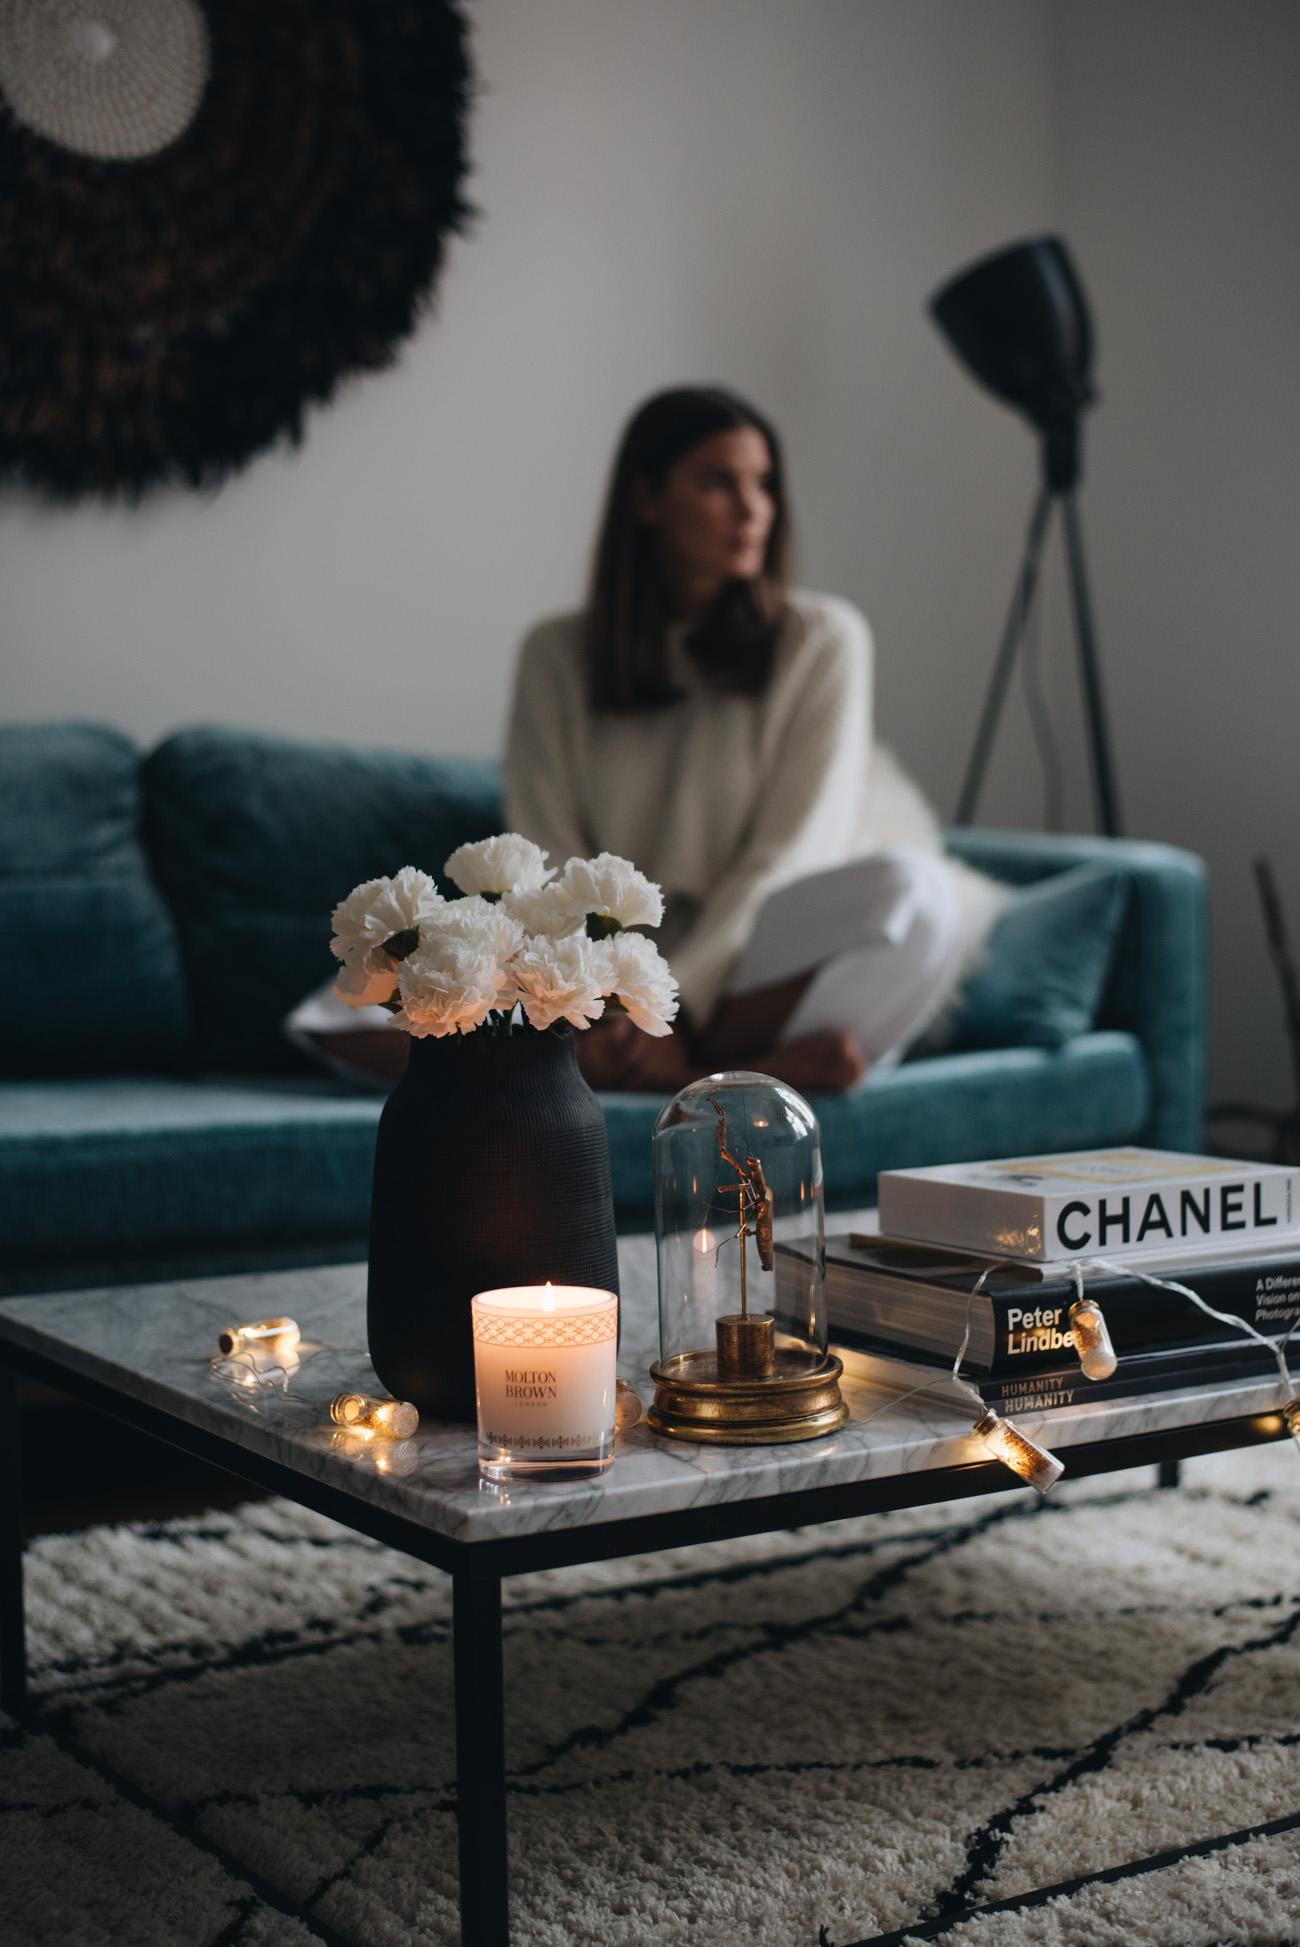 Fashiioncarpet-wohnung-einrichtung-wihnzimmer-interior-sofa-couch-ecke-nina-schwichtenberg